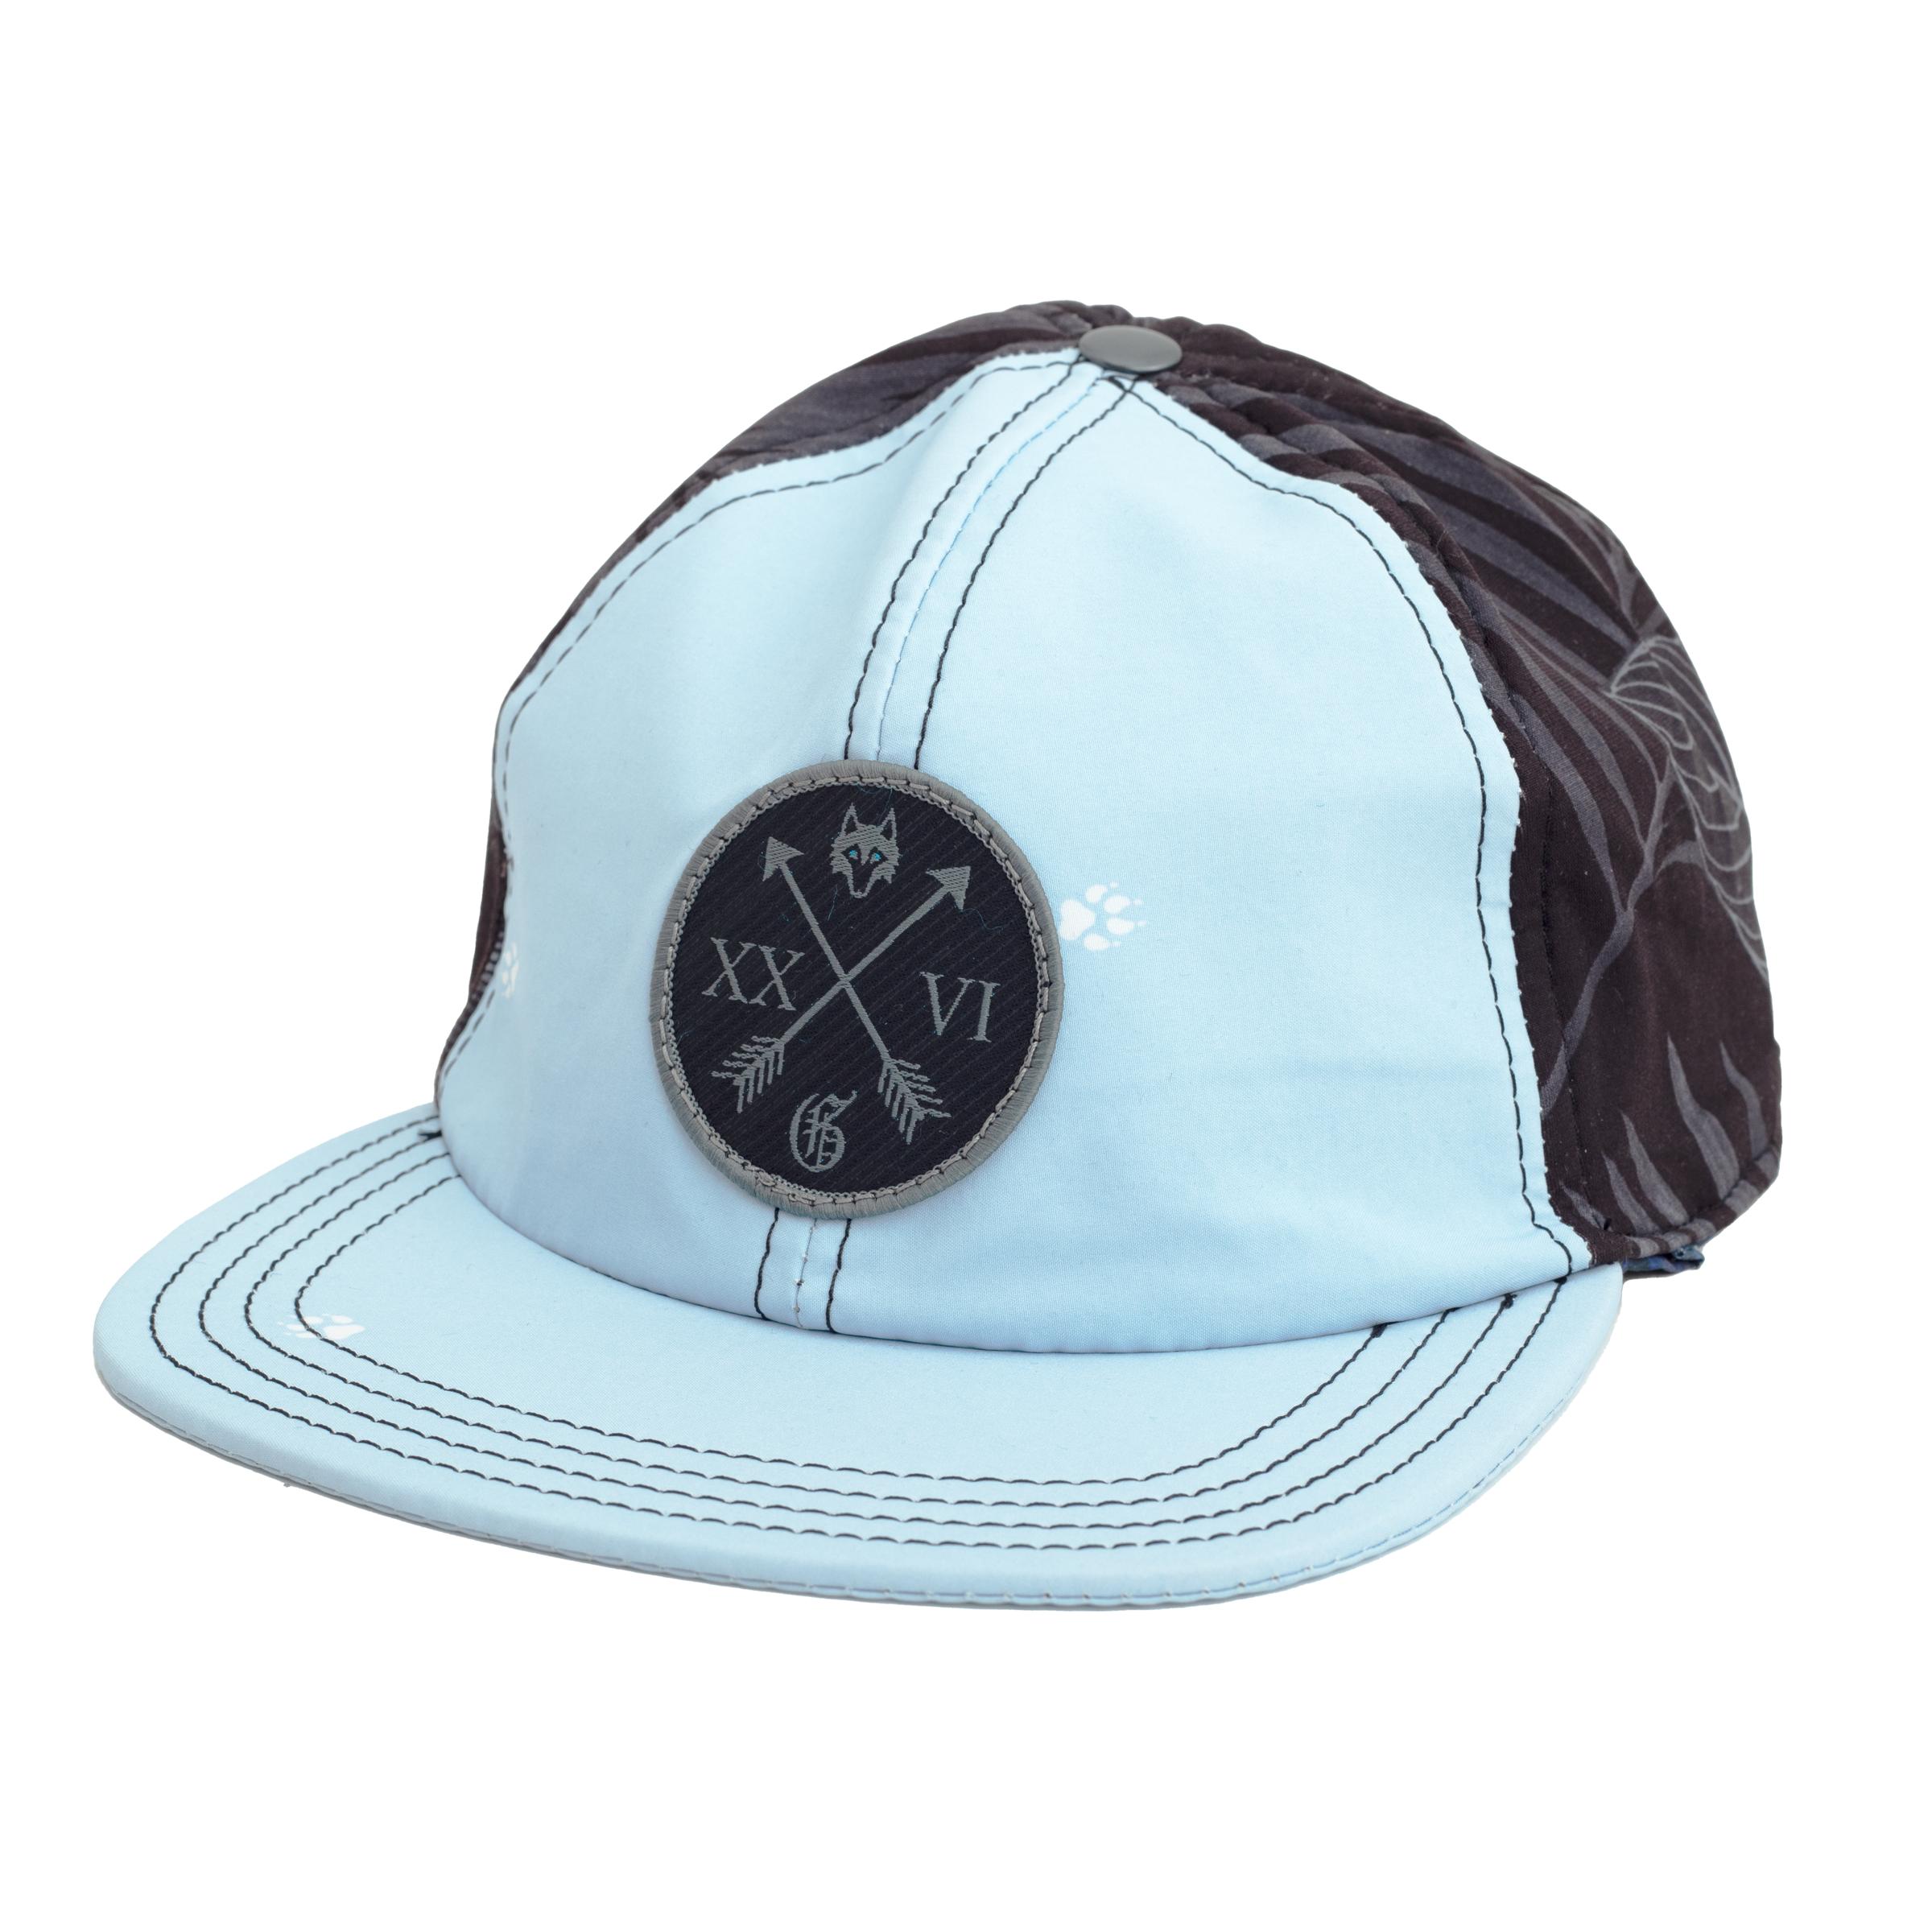 GreysonClothiers Creative King x Greyson Hat No. 20